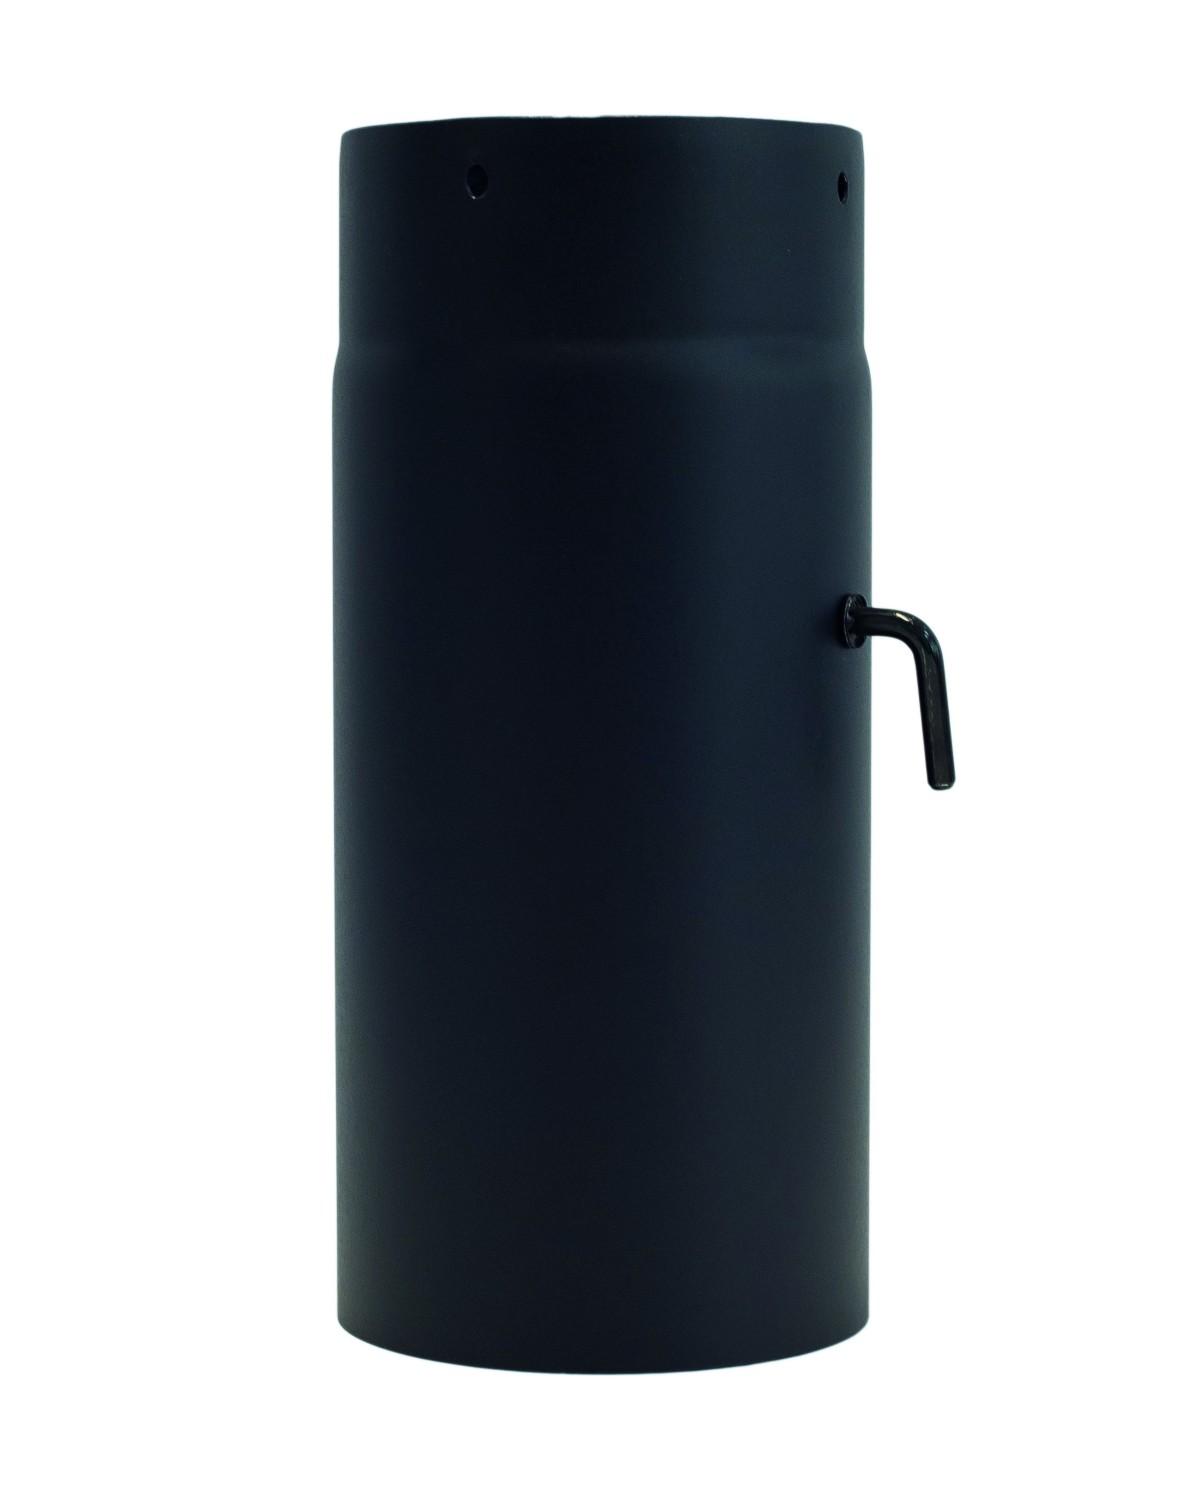 Módulo recto 330mm con reg de tiro